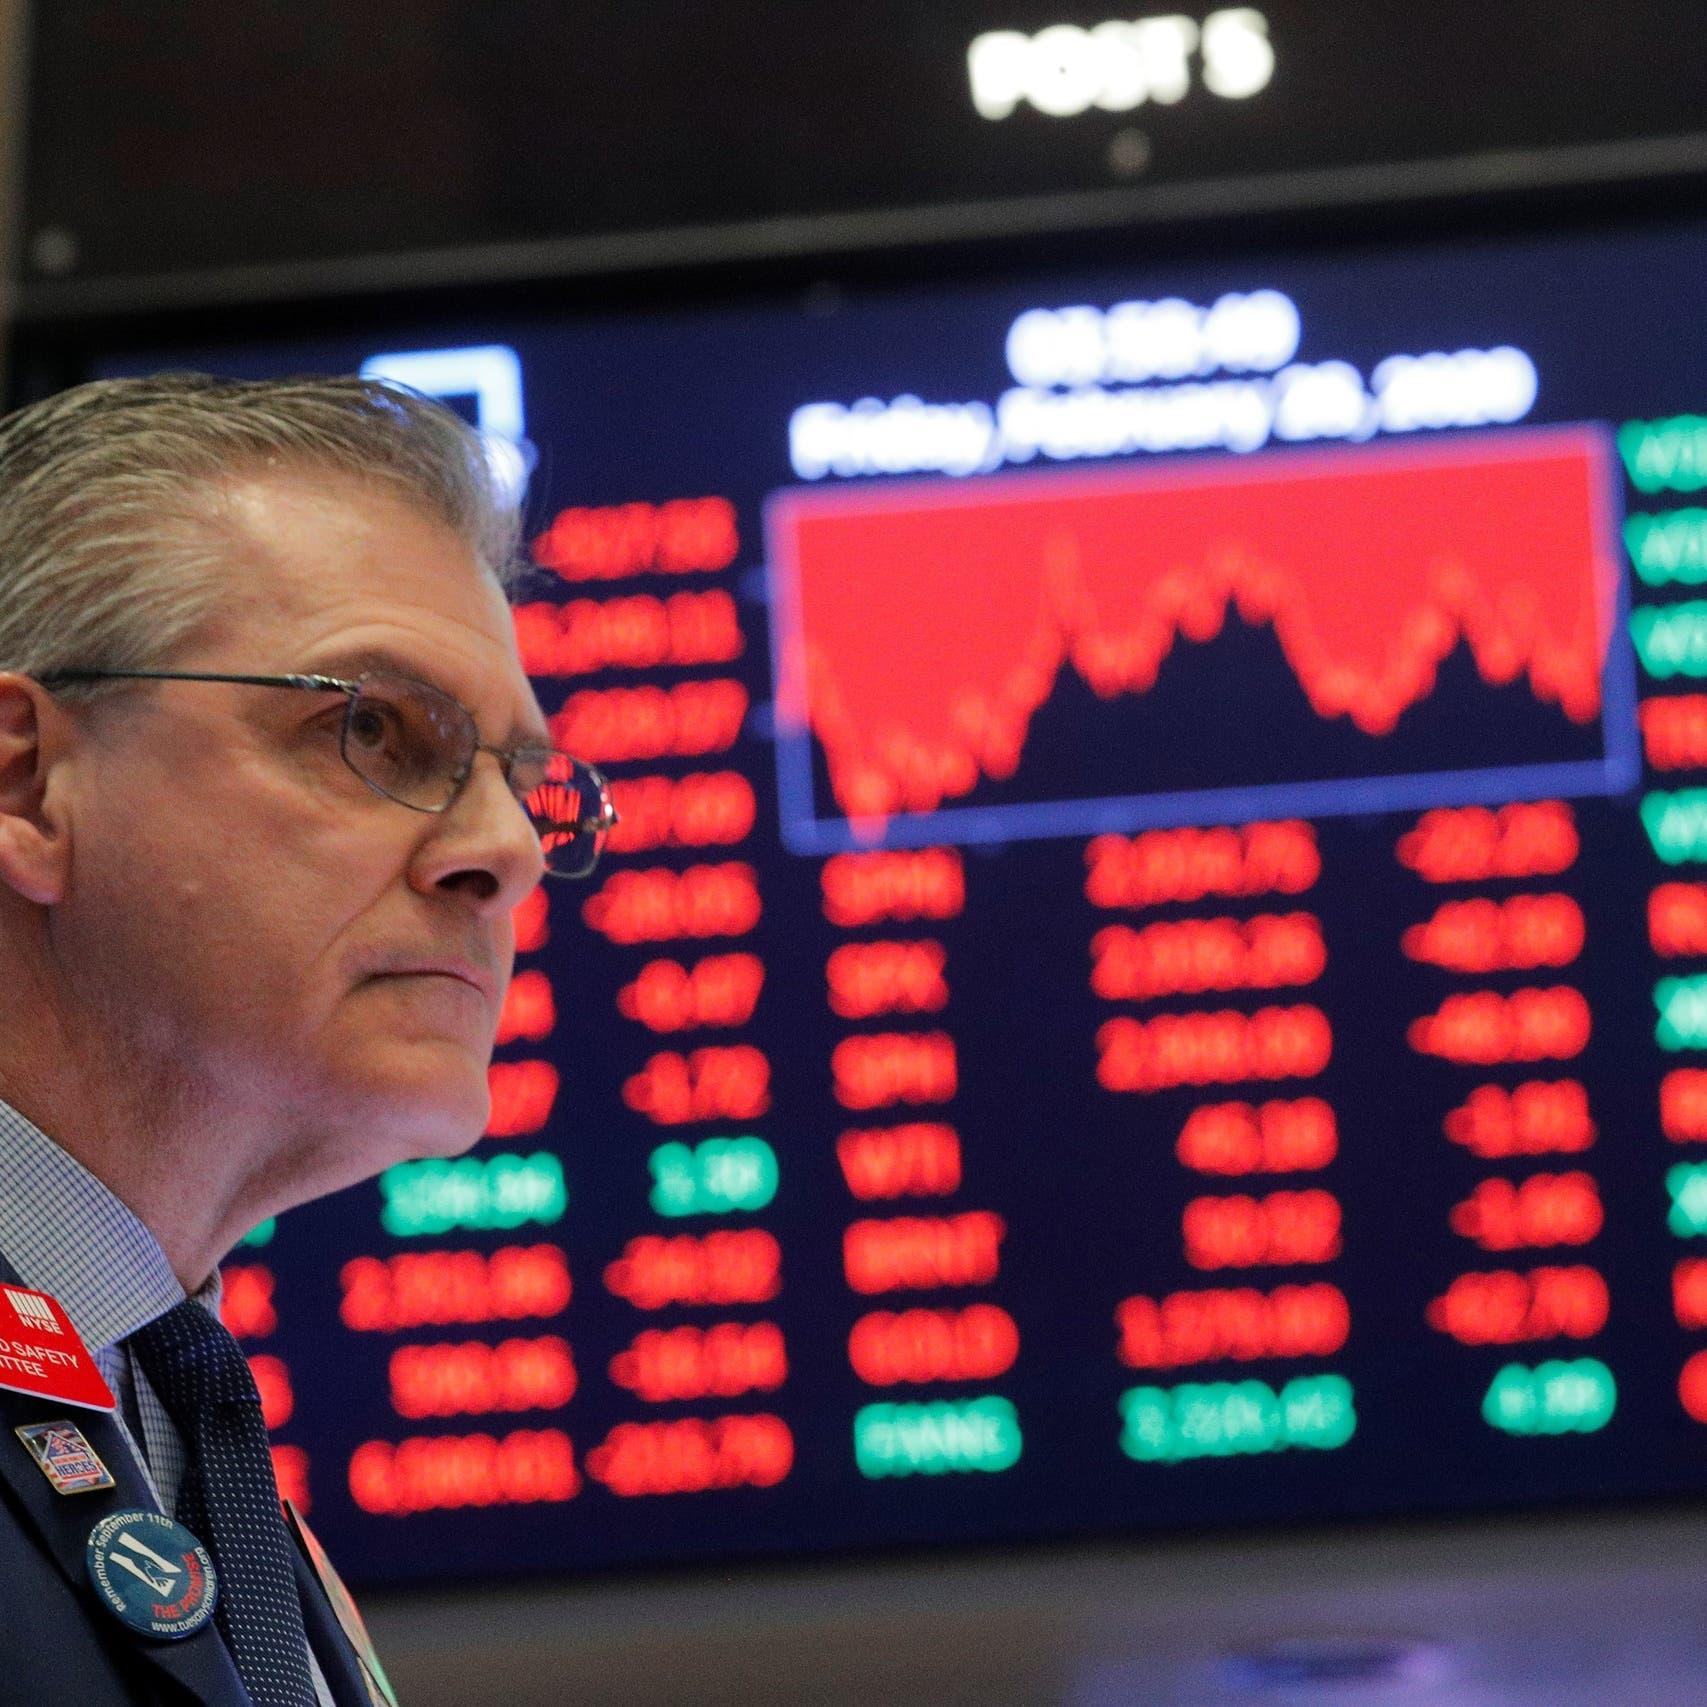 تباين أداء الأسواق العالمية وسط ترقب لأوبك وبريكست